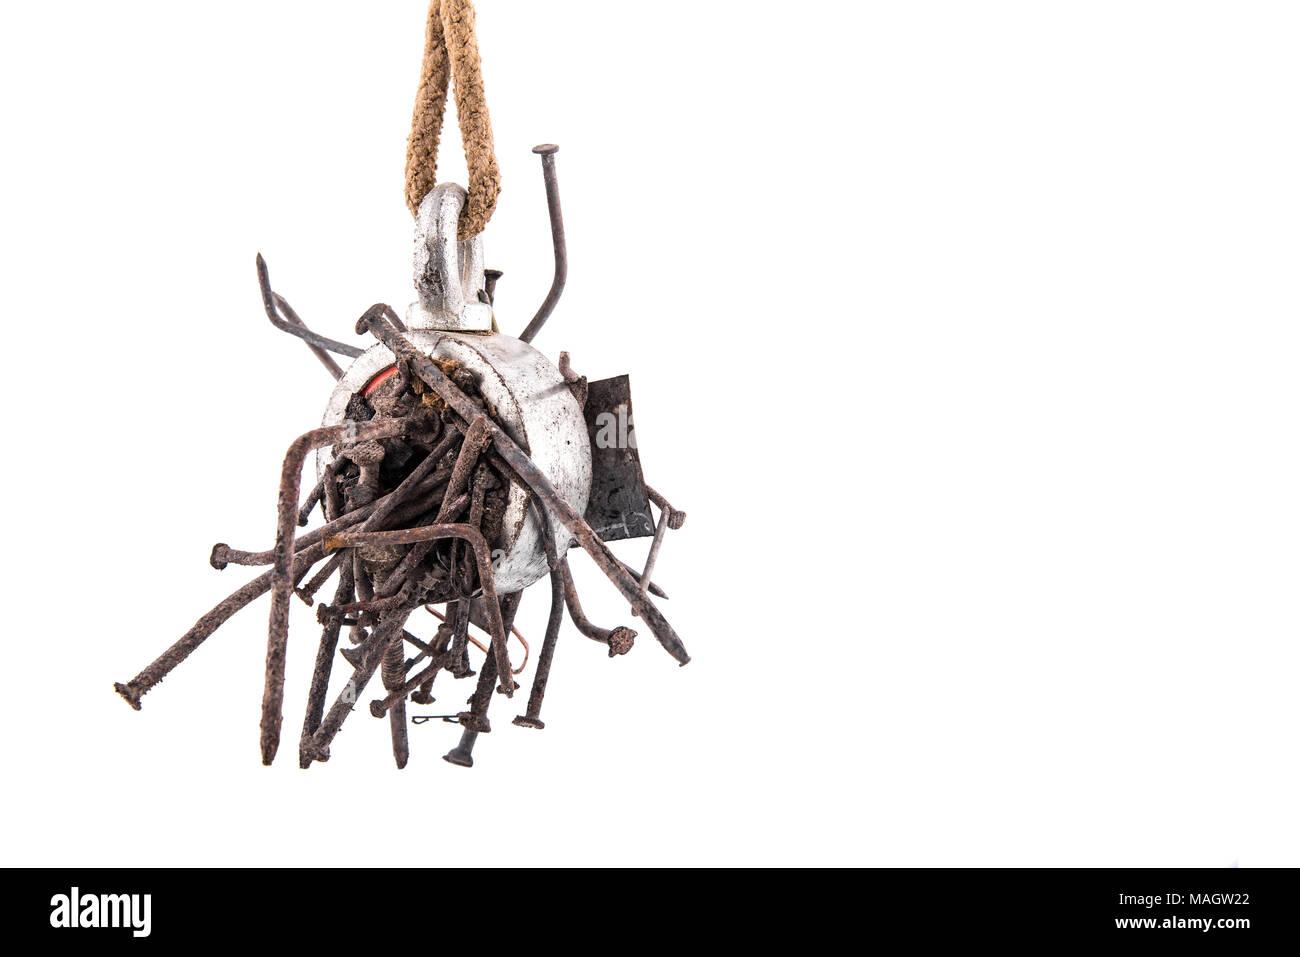 Deux voies de recherche en acier aimant avec clous rouillés suspendu à la corde, isolé sur fond blanc Photo Stock